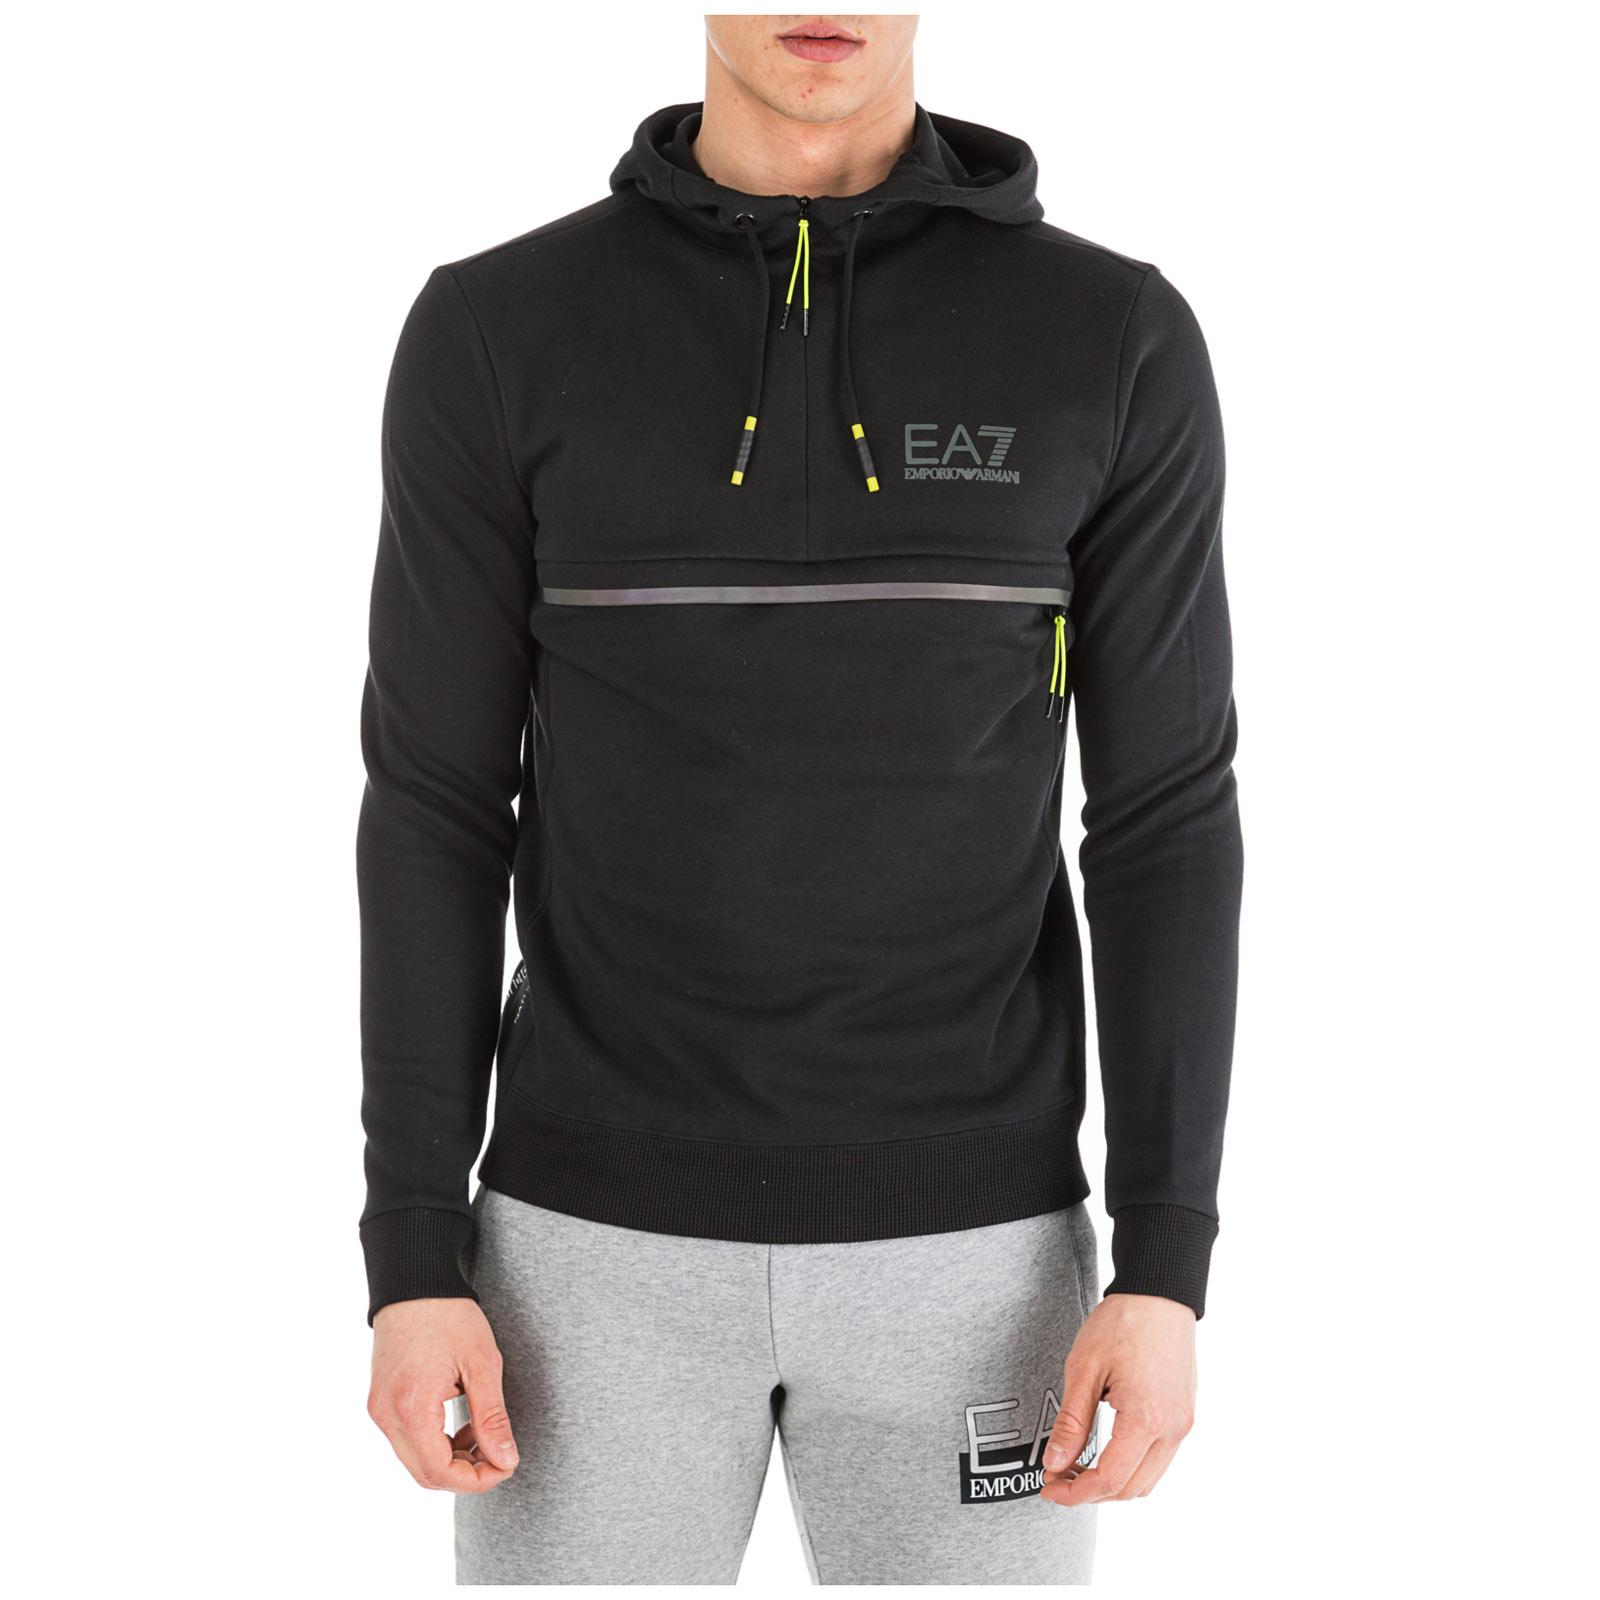 8f50100387a6a Men's hoodie sweatshirt sweat